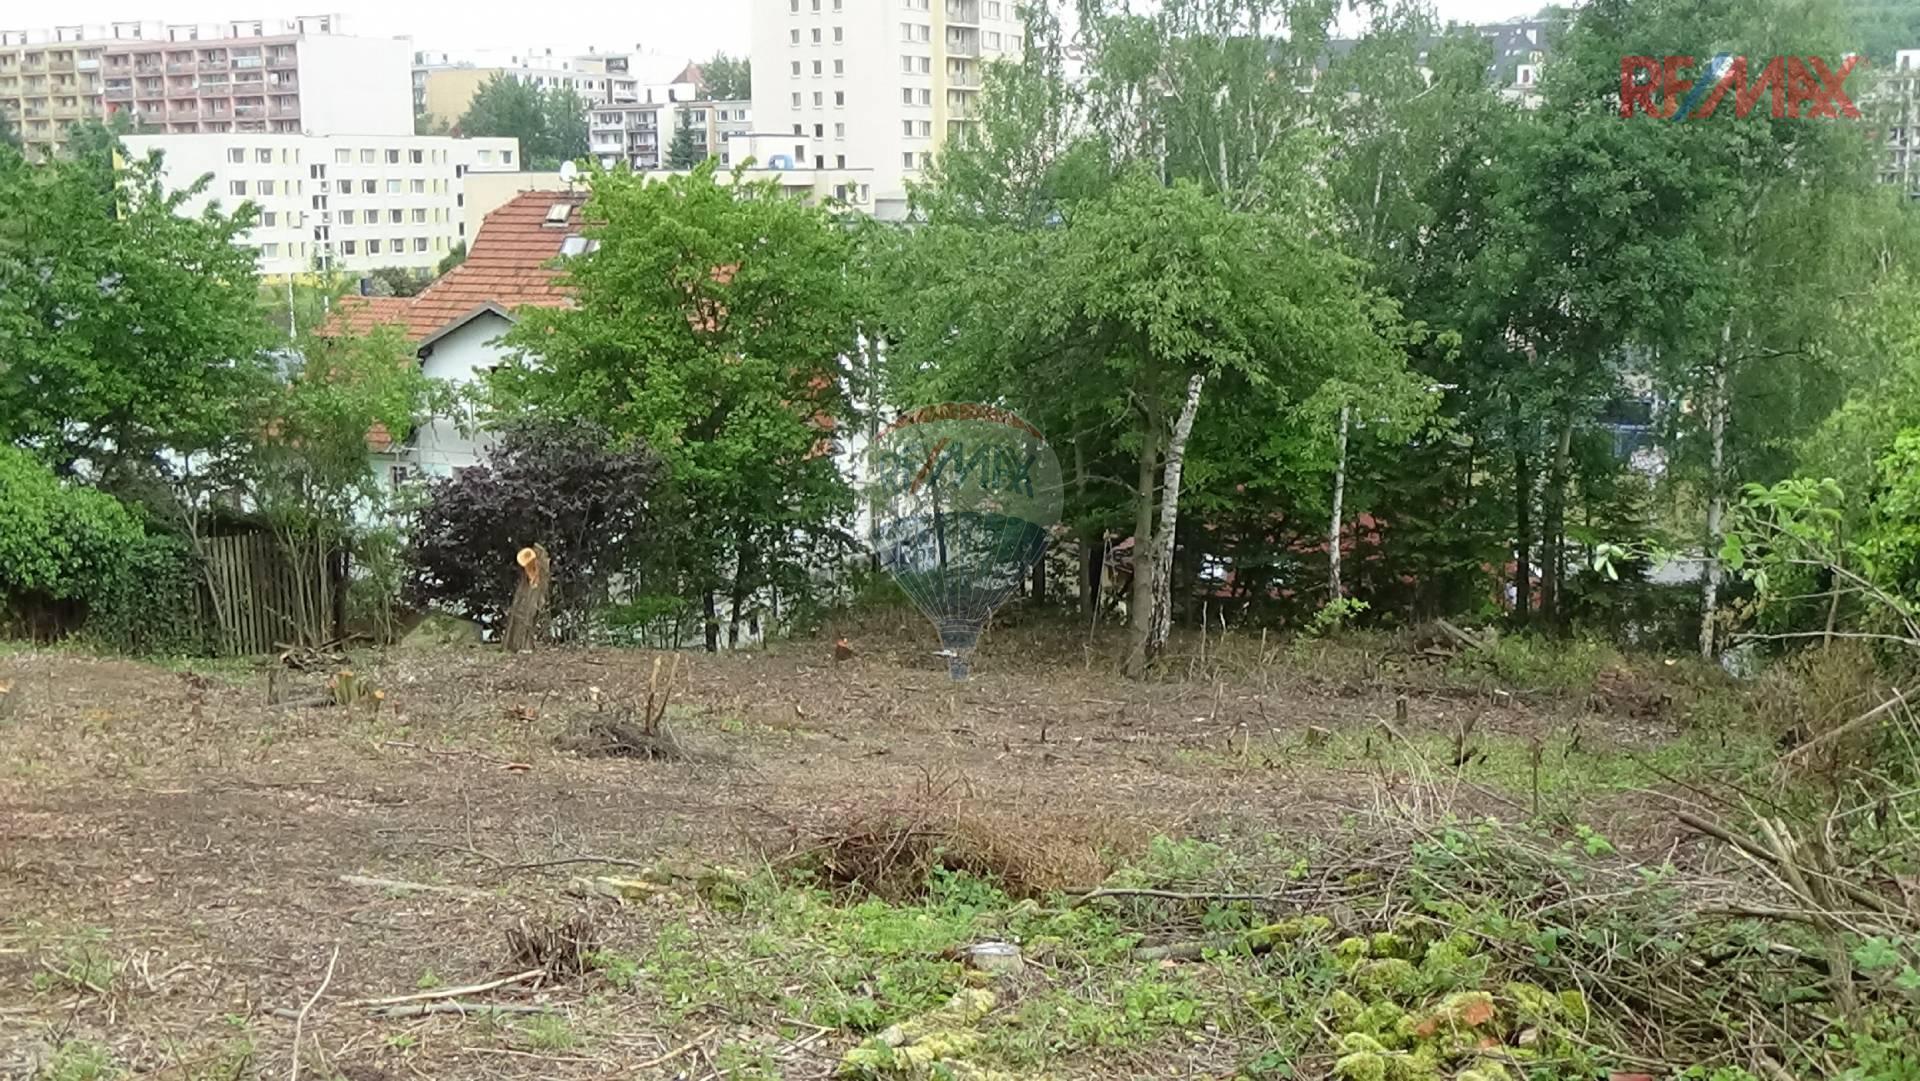 Prodaný stavební pozemek pro stavbu rodinného domu 1455 m2, Praha 5 - Stodůlky